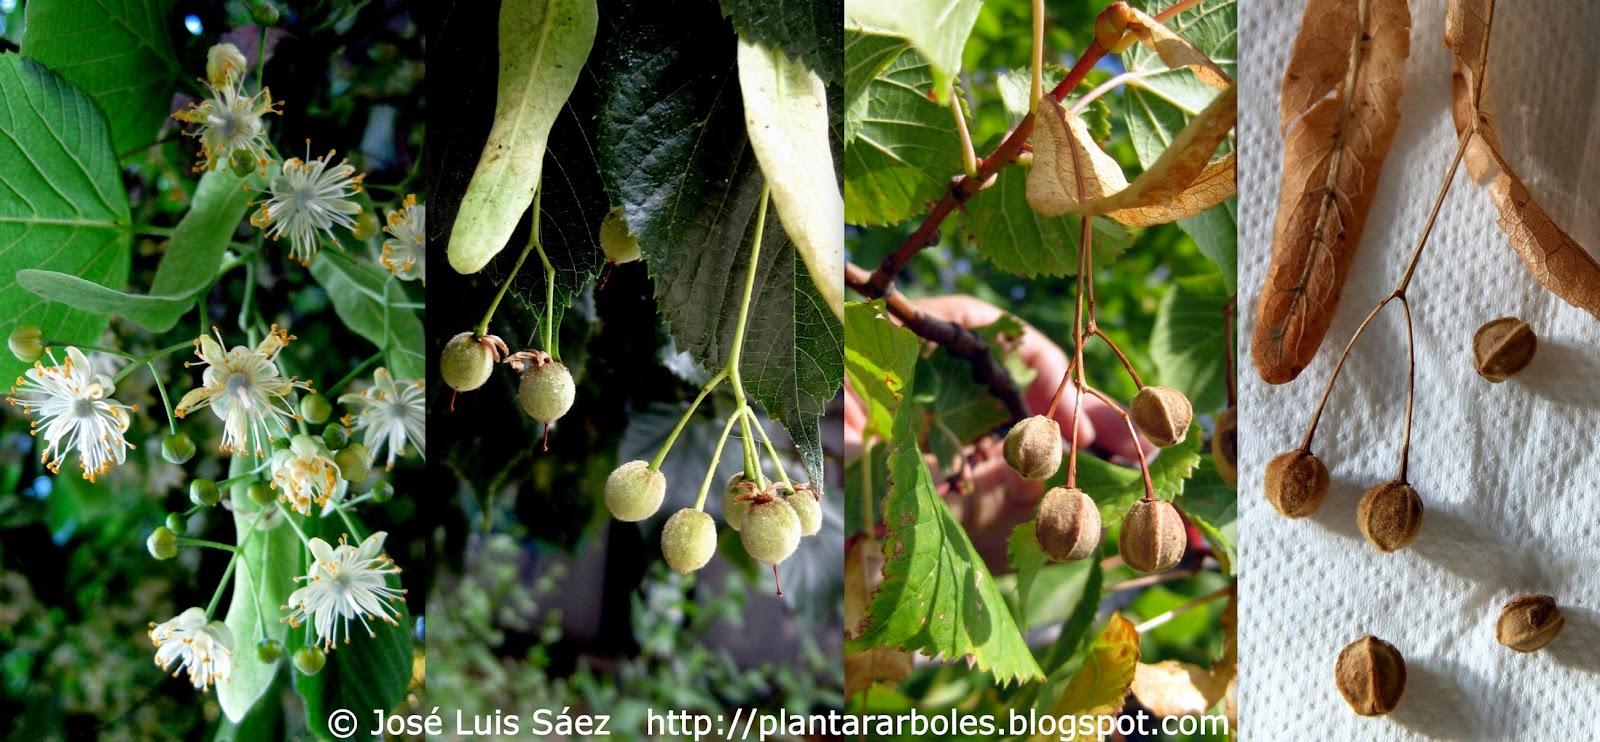 Plantar rboles y arbustos rboles aut ctonos de espa a for Arboles de hoja perenne para madrid